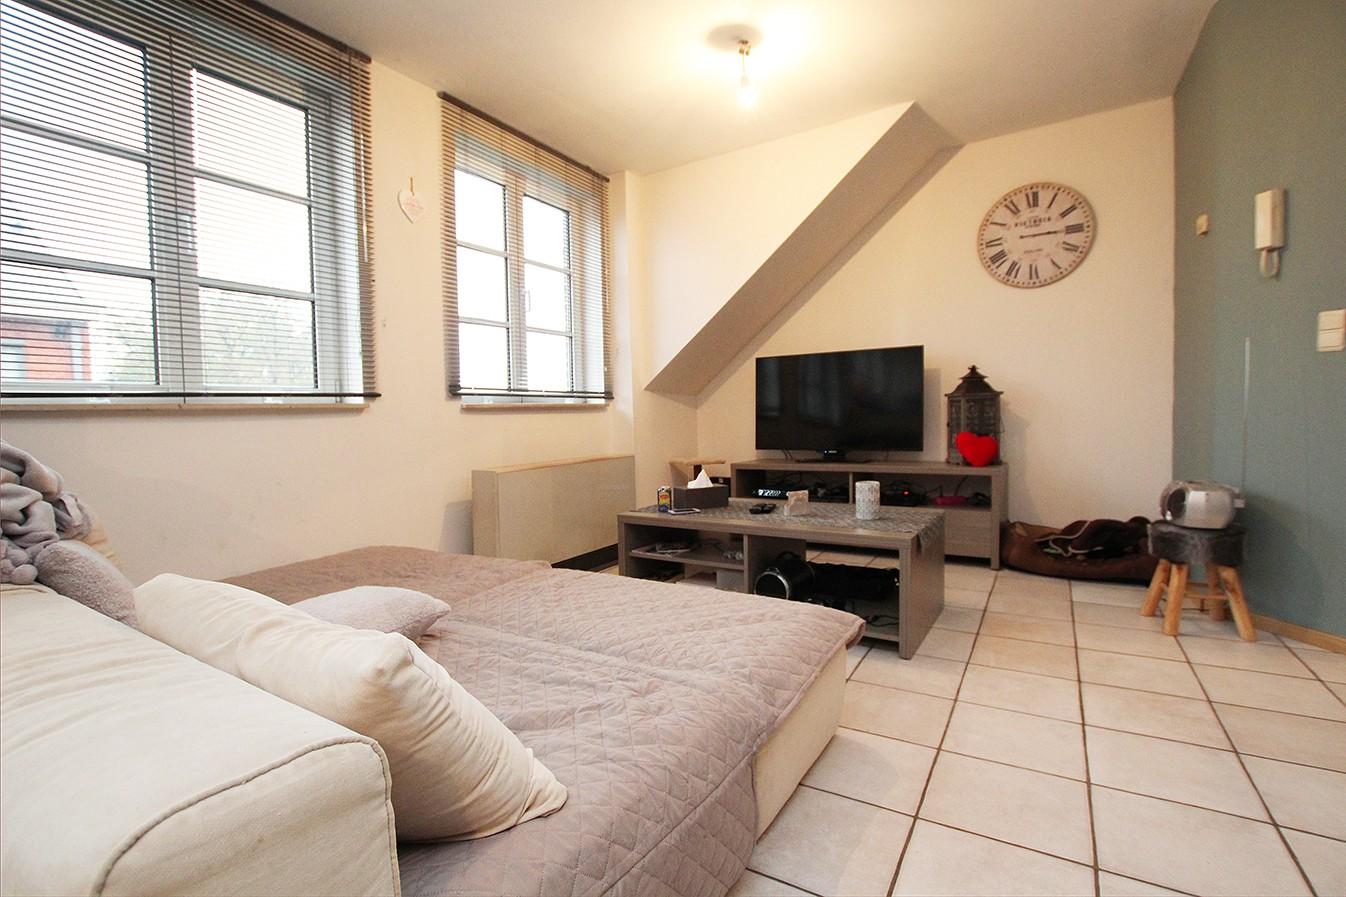 Dakappartement met twee slaapkamers en ruim terras (27m²) in de dorpskern van Broechem! afbeelding 1